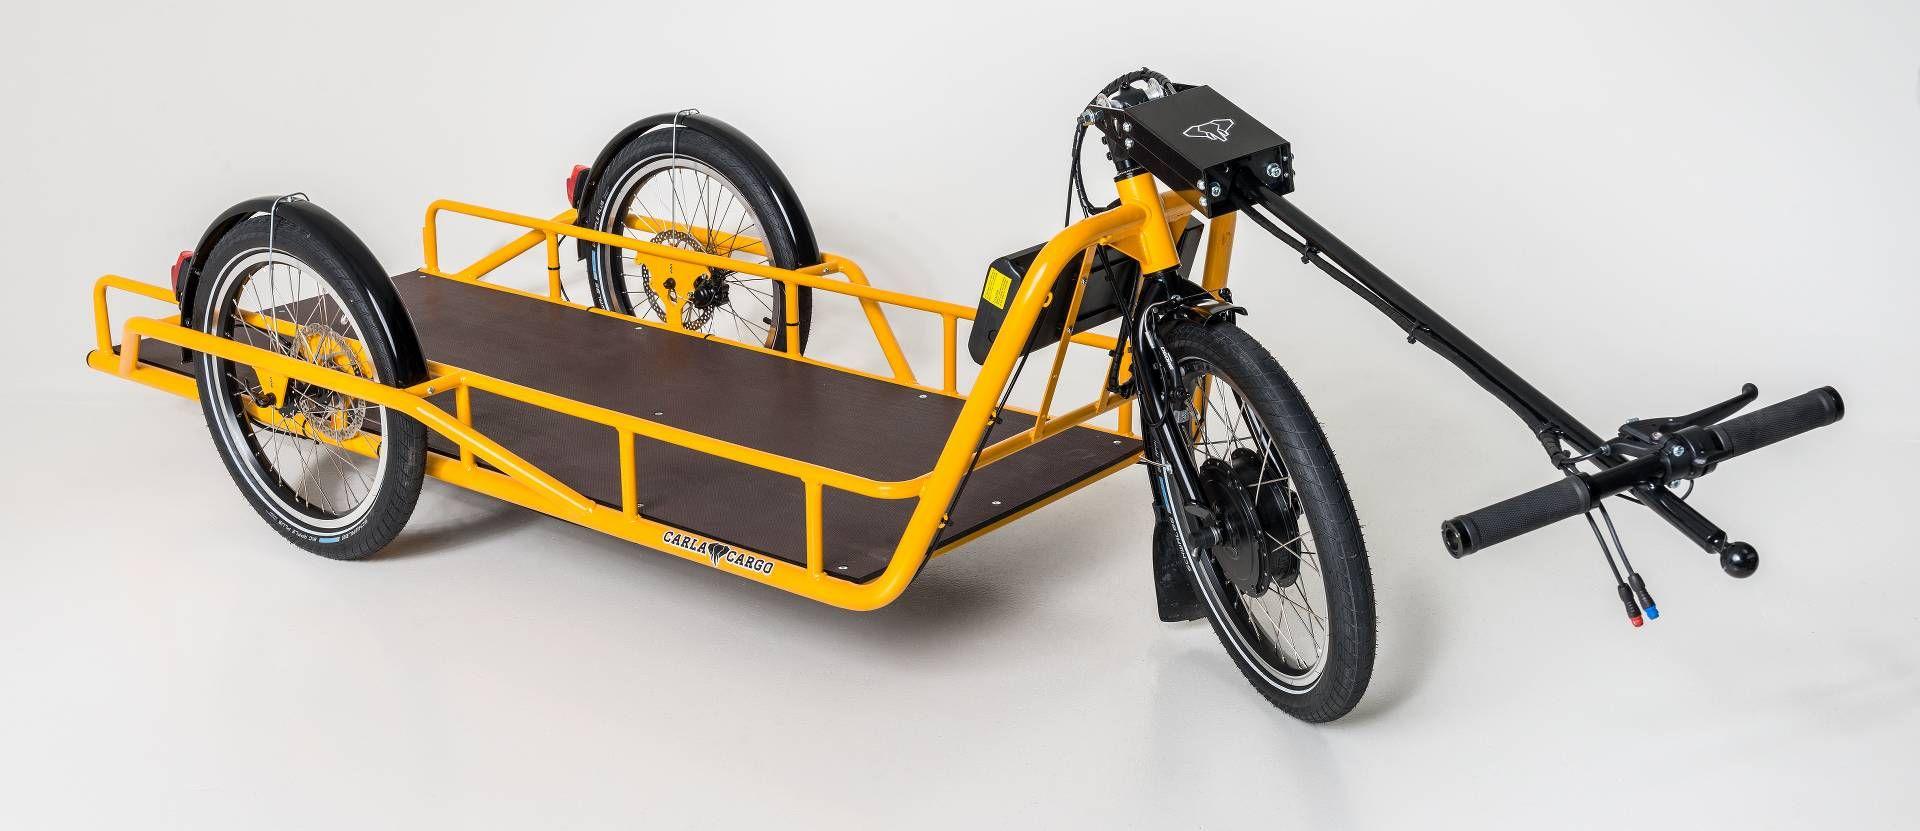 Carla Cargo Power Trailer Bicycle Fahrradanhanger 2017 1920x831 Fahrrad Lastenanhanger Fahrrad Transportanhanger Fahrrad